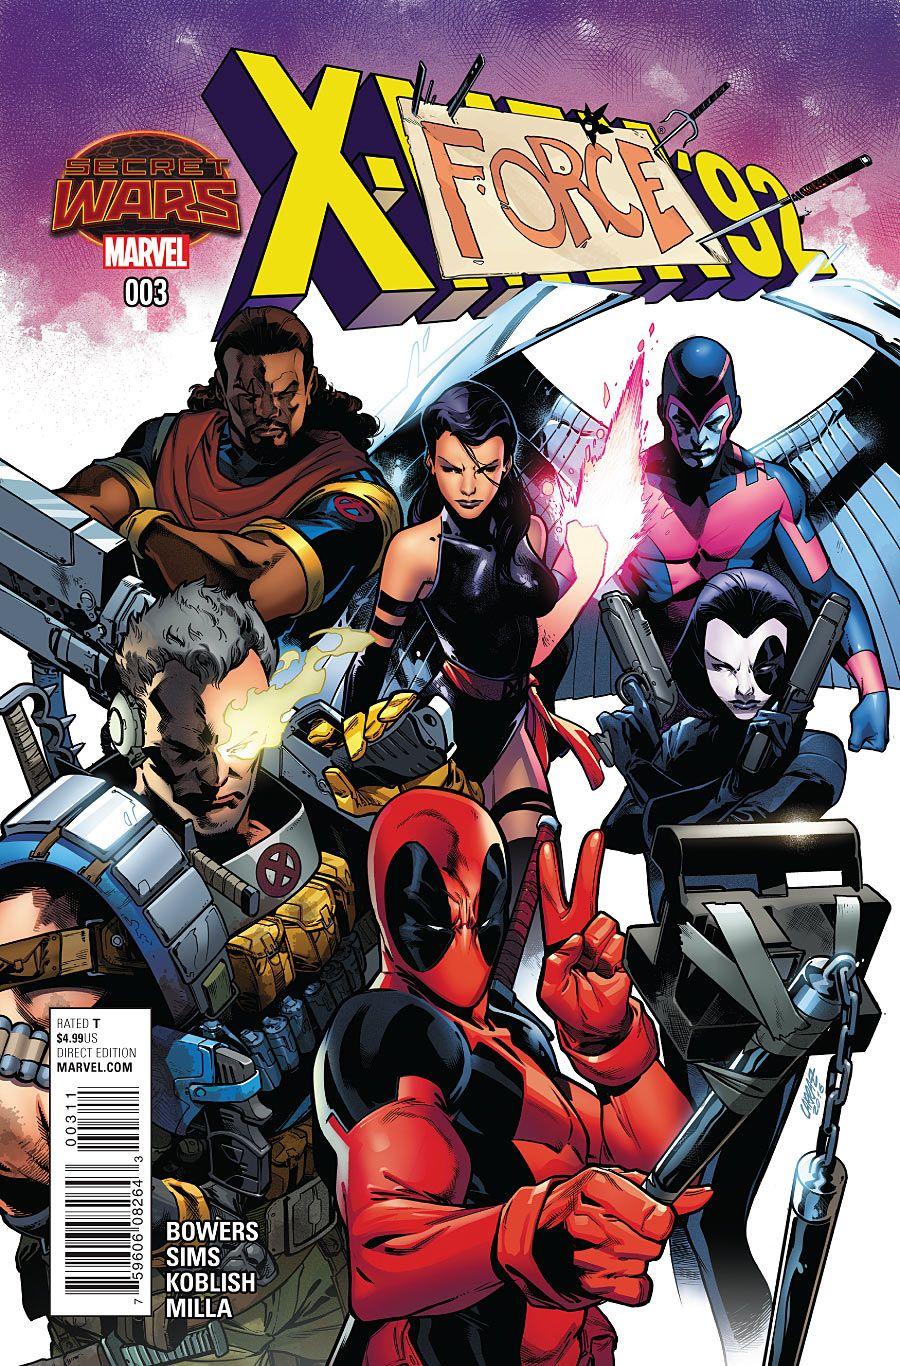 X-Men '92 #3 | CBR